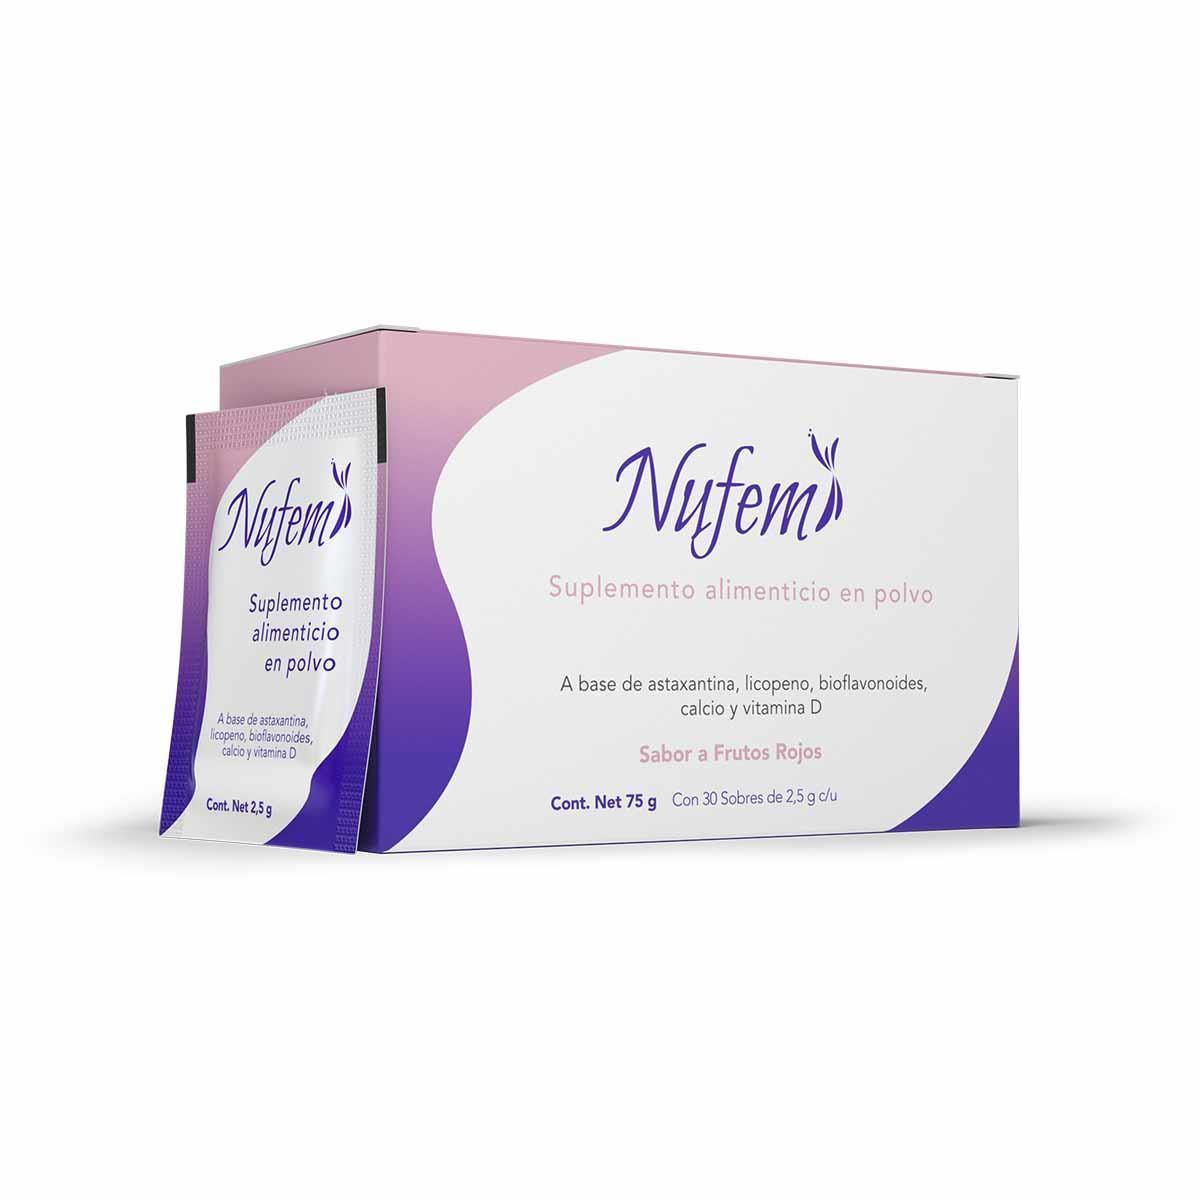 Nufem Sup C/30 Sobres (P)